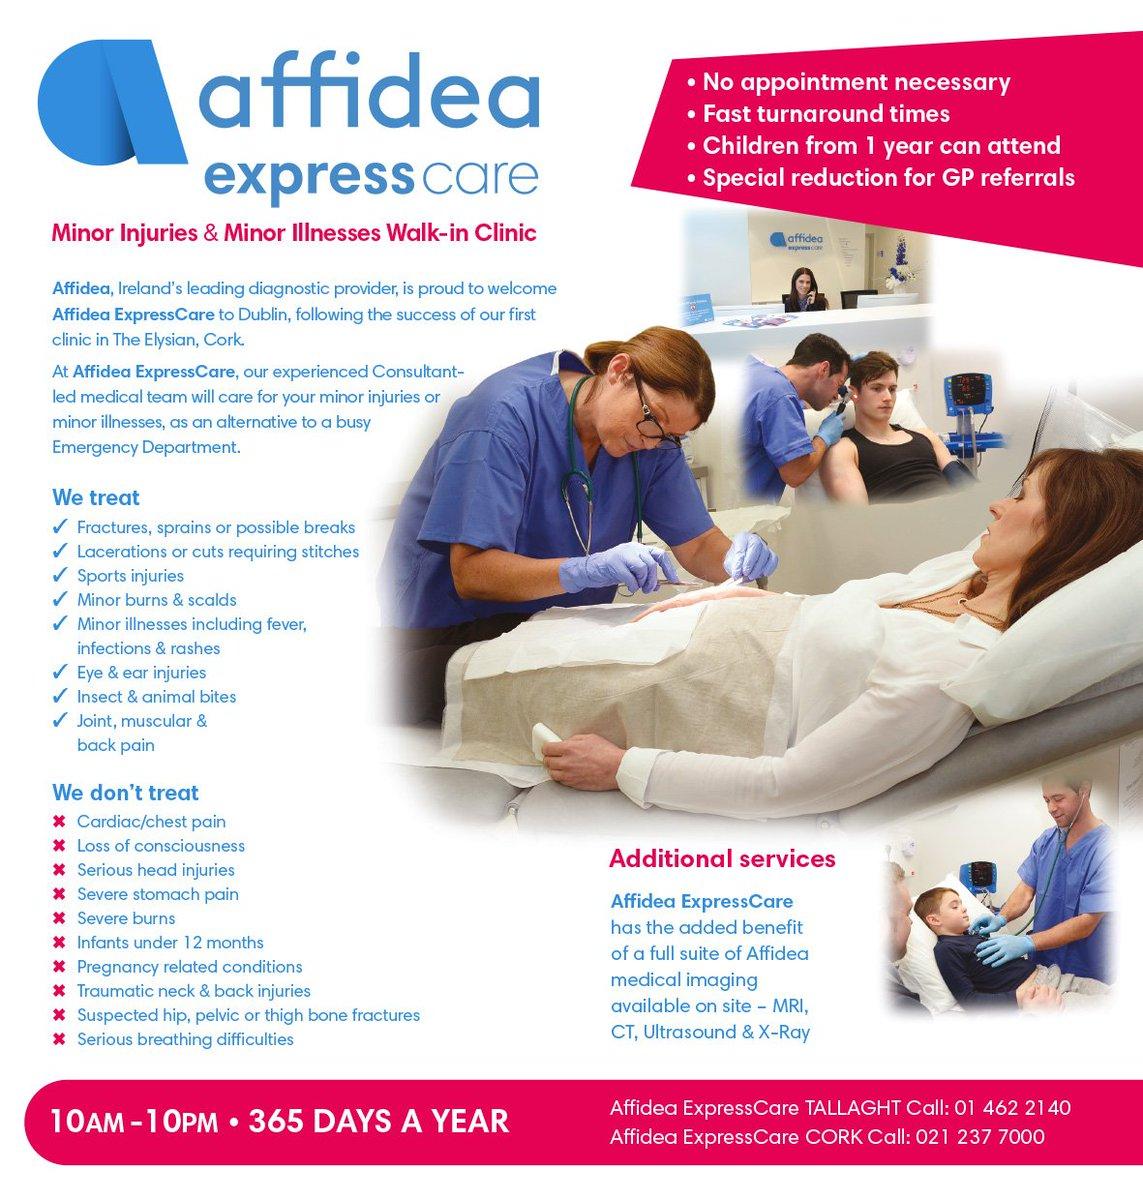 Affidea Ireland on Twitter: